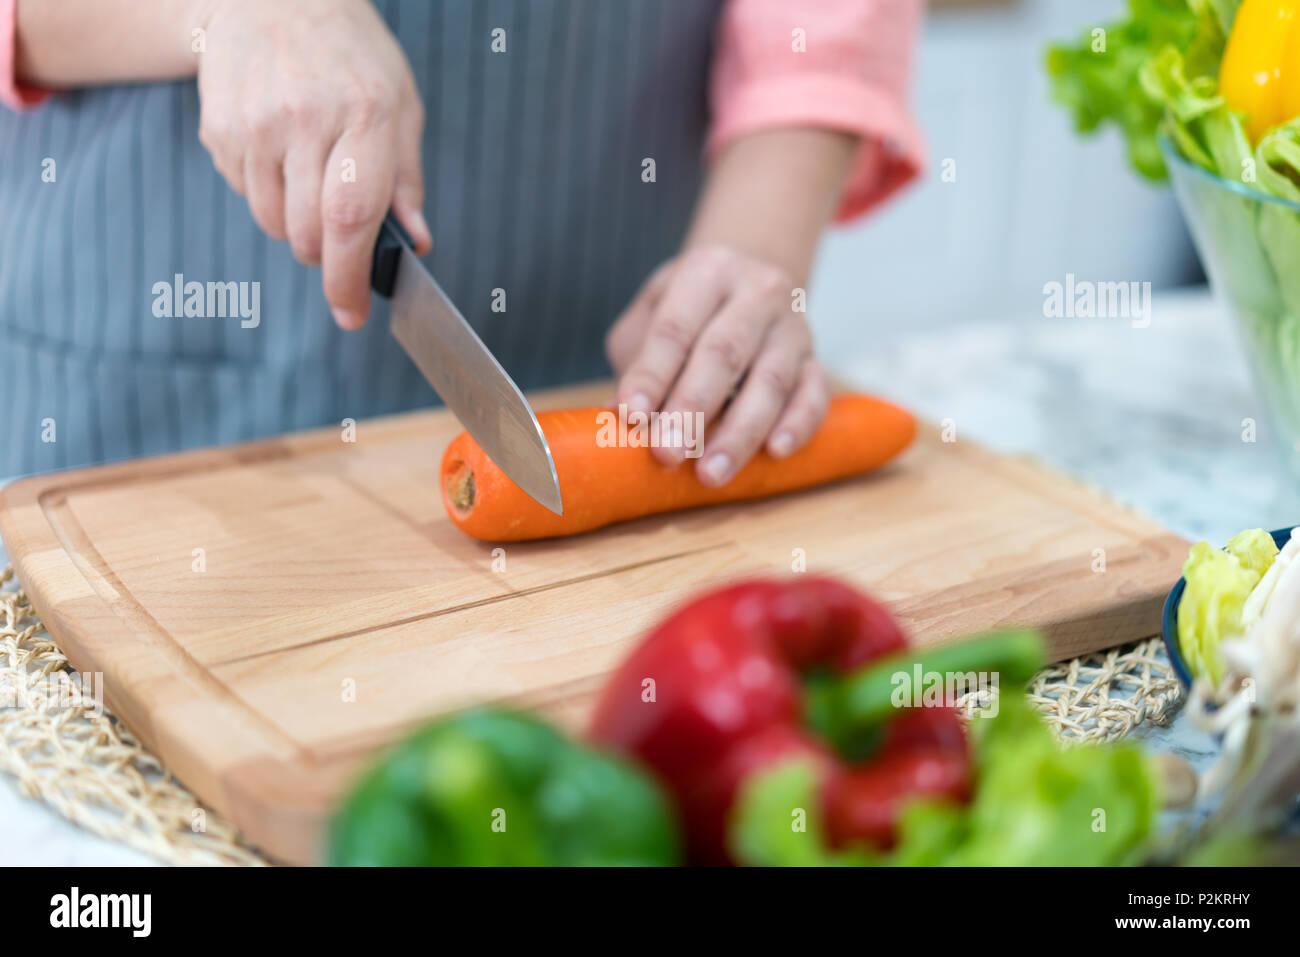 Die Hand mit dem Messer schneiden Karotten. Frau bereitet Speisen am Tisch. Chef kocht leckeres Abendessen. Arbeit, Geschick erfordert. Stockbild